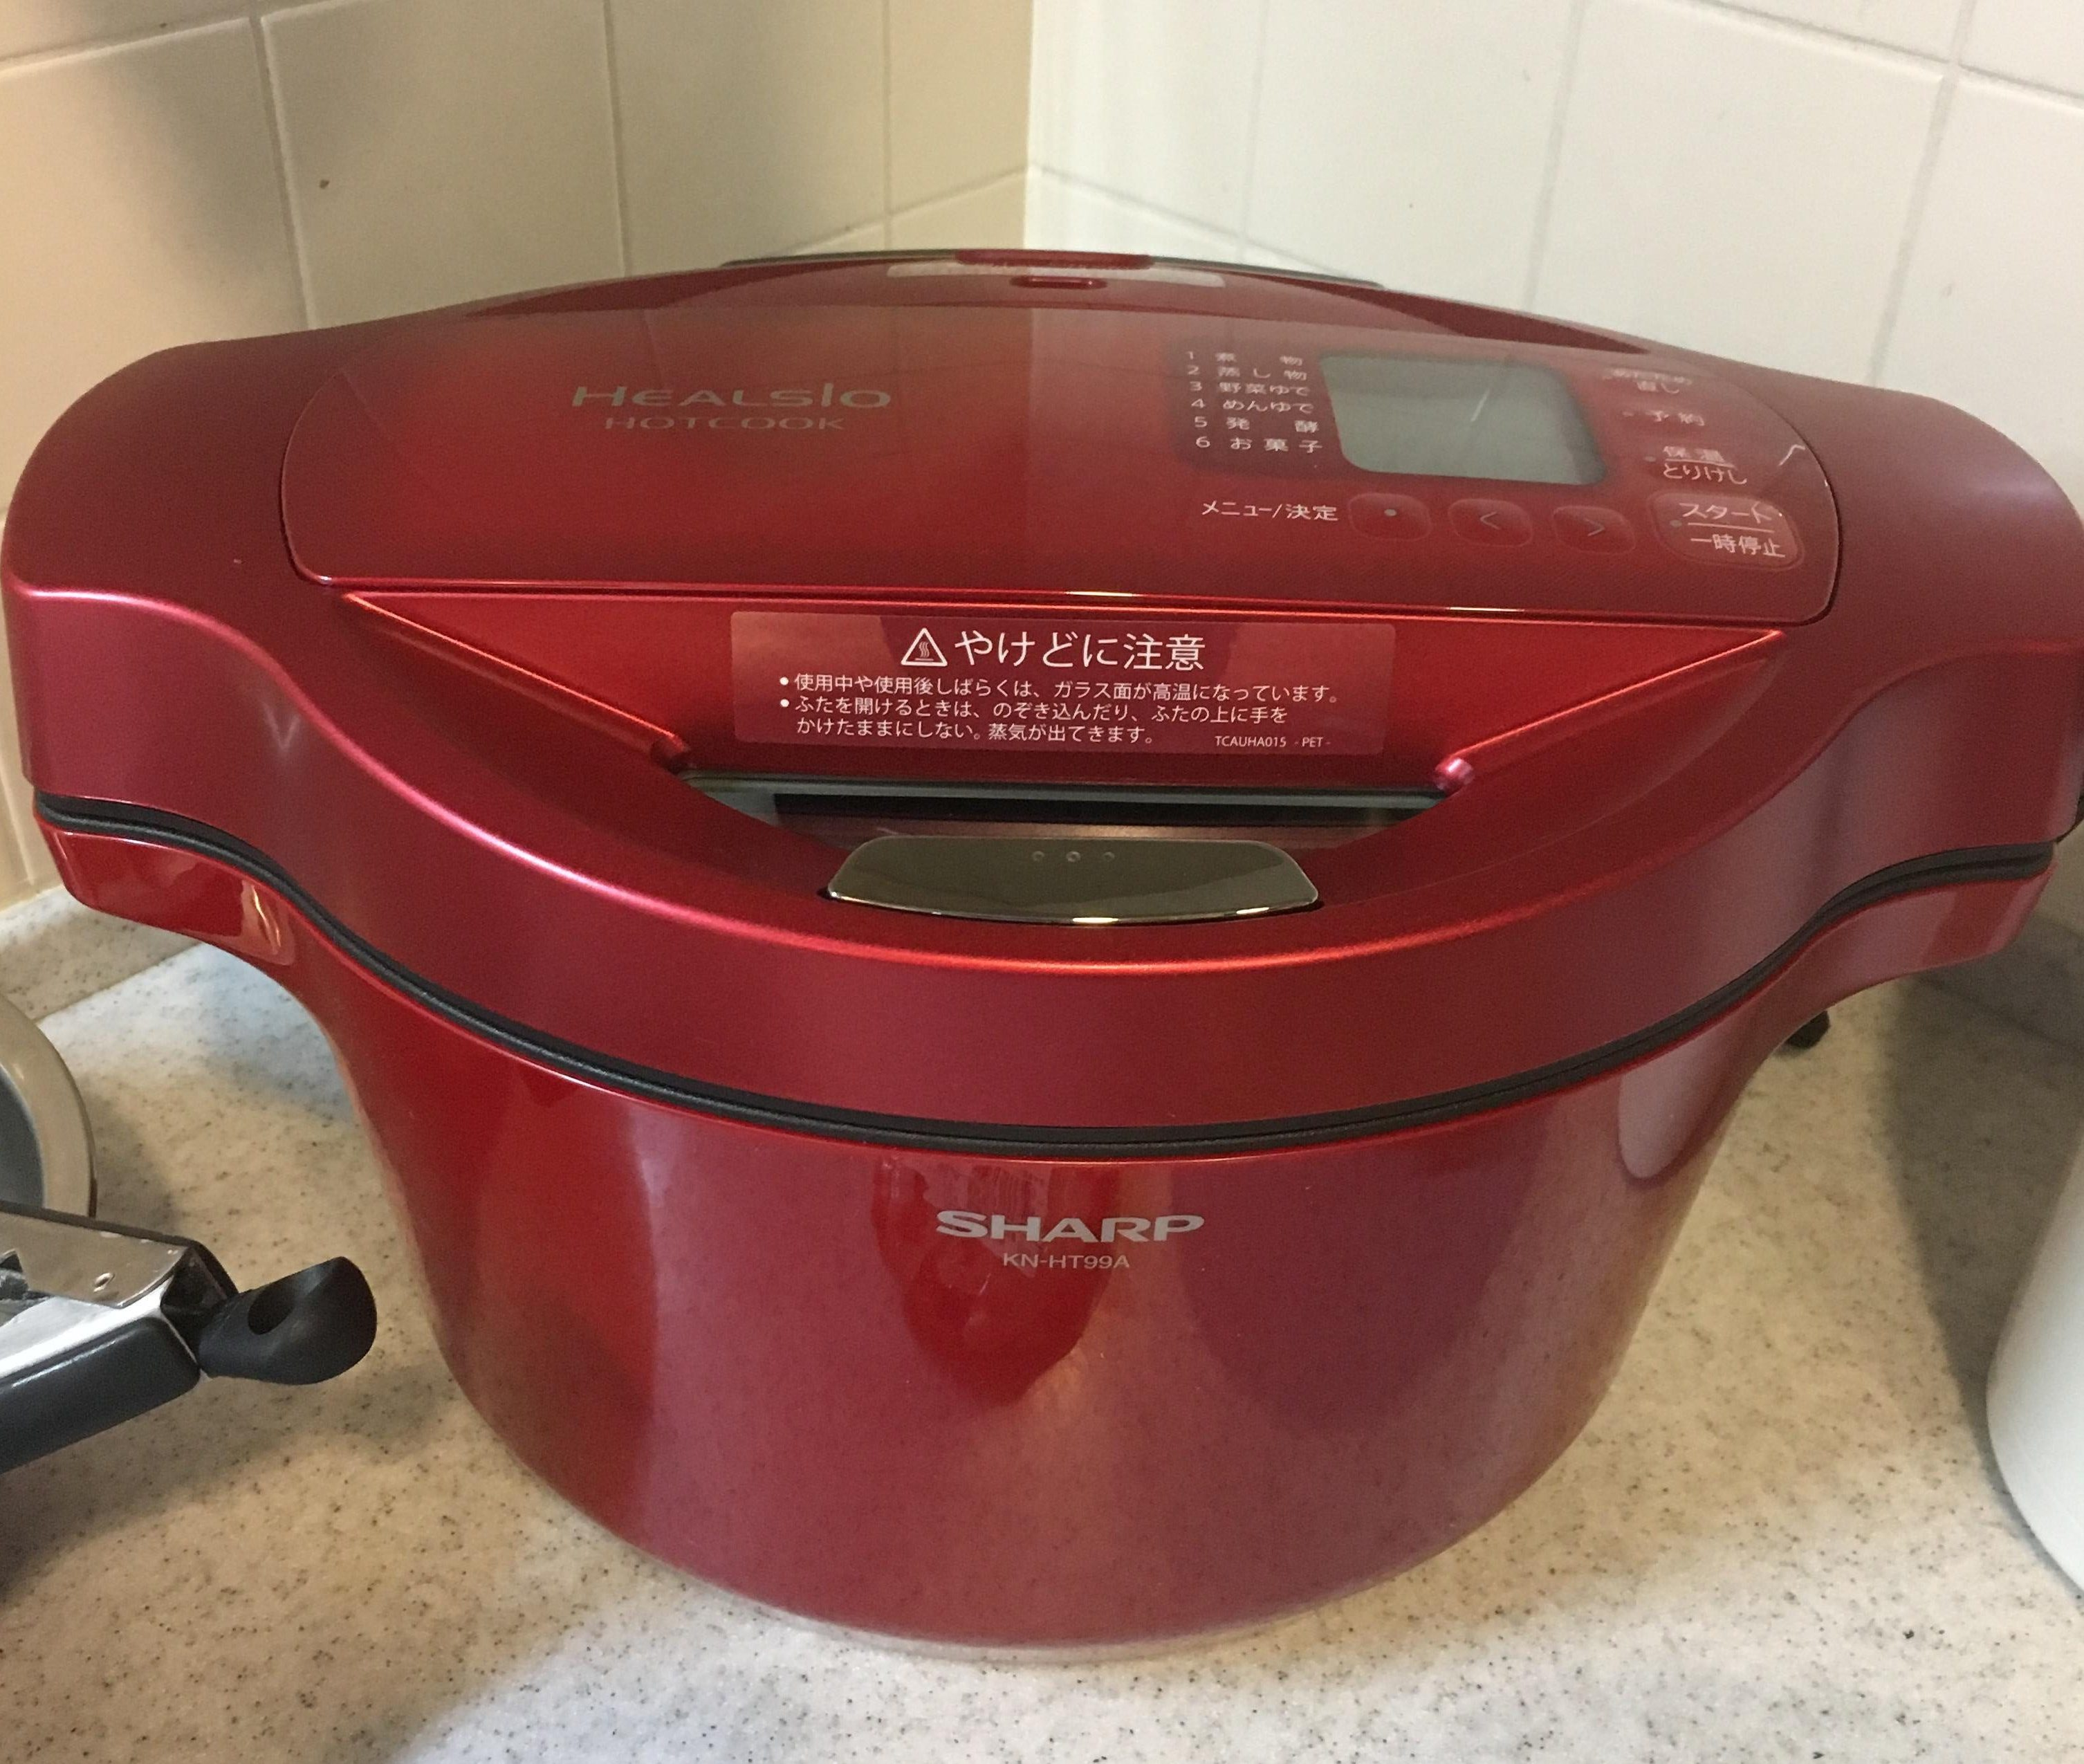 赤い自動調理なべホットクックはあんこが自動でつくれる調理機